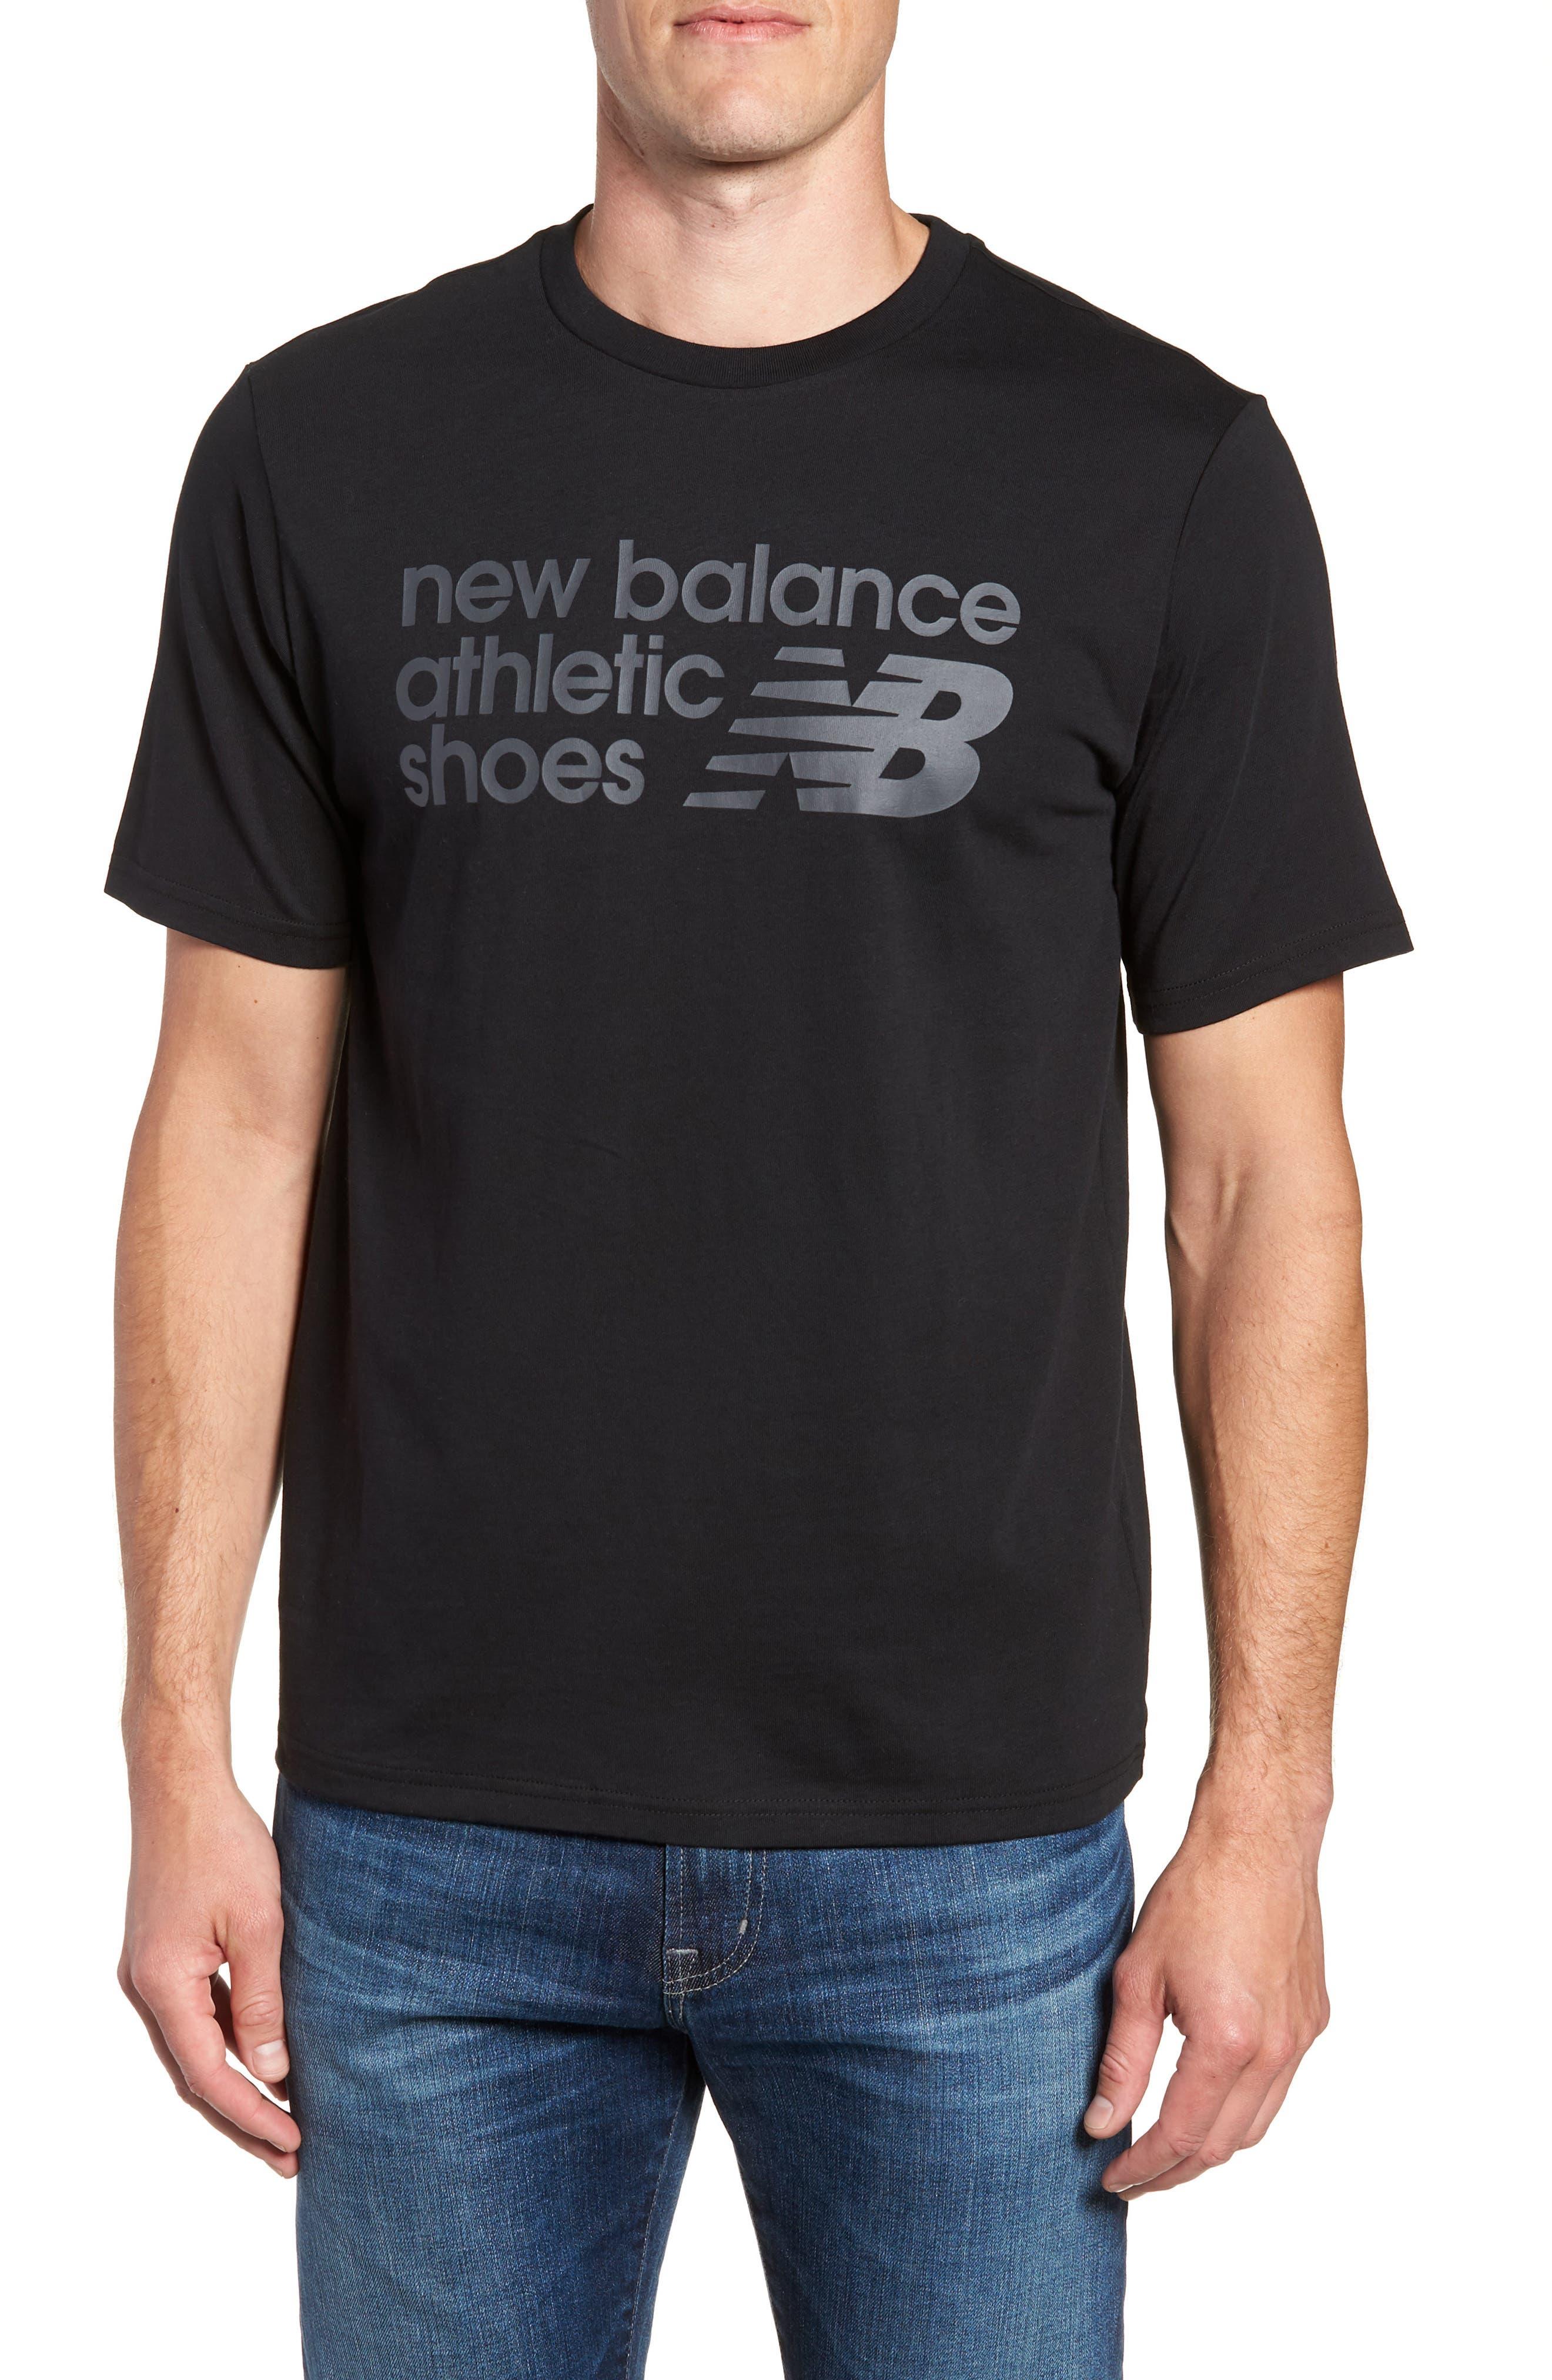 NB Shoe Box Graphic T-Shirt,                             Main thumbnail 1, color,                             BLACK